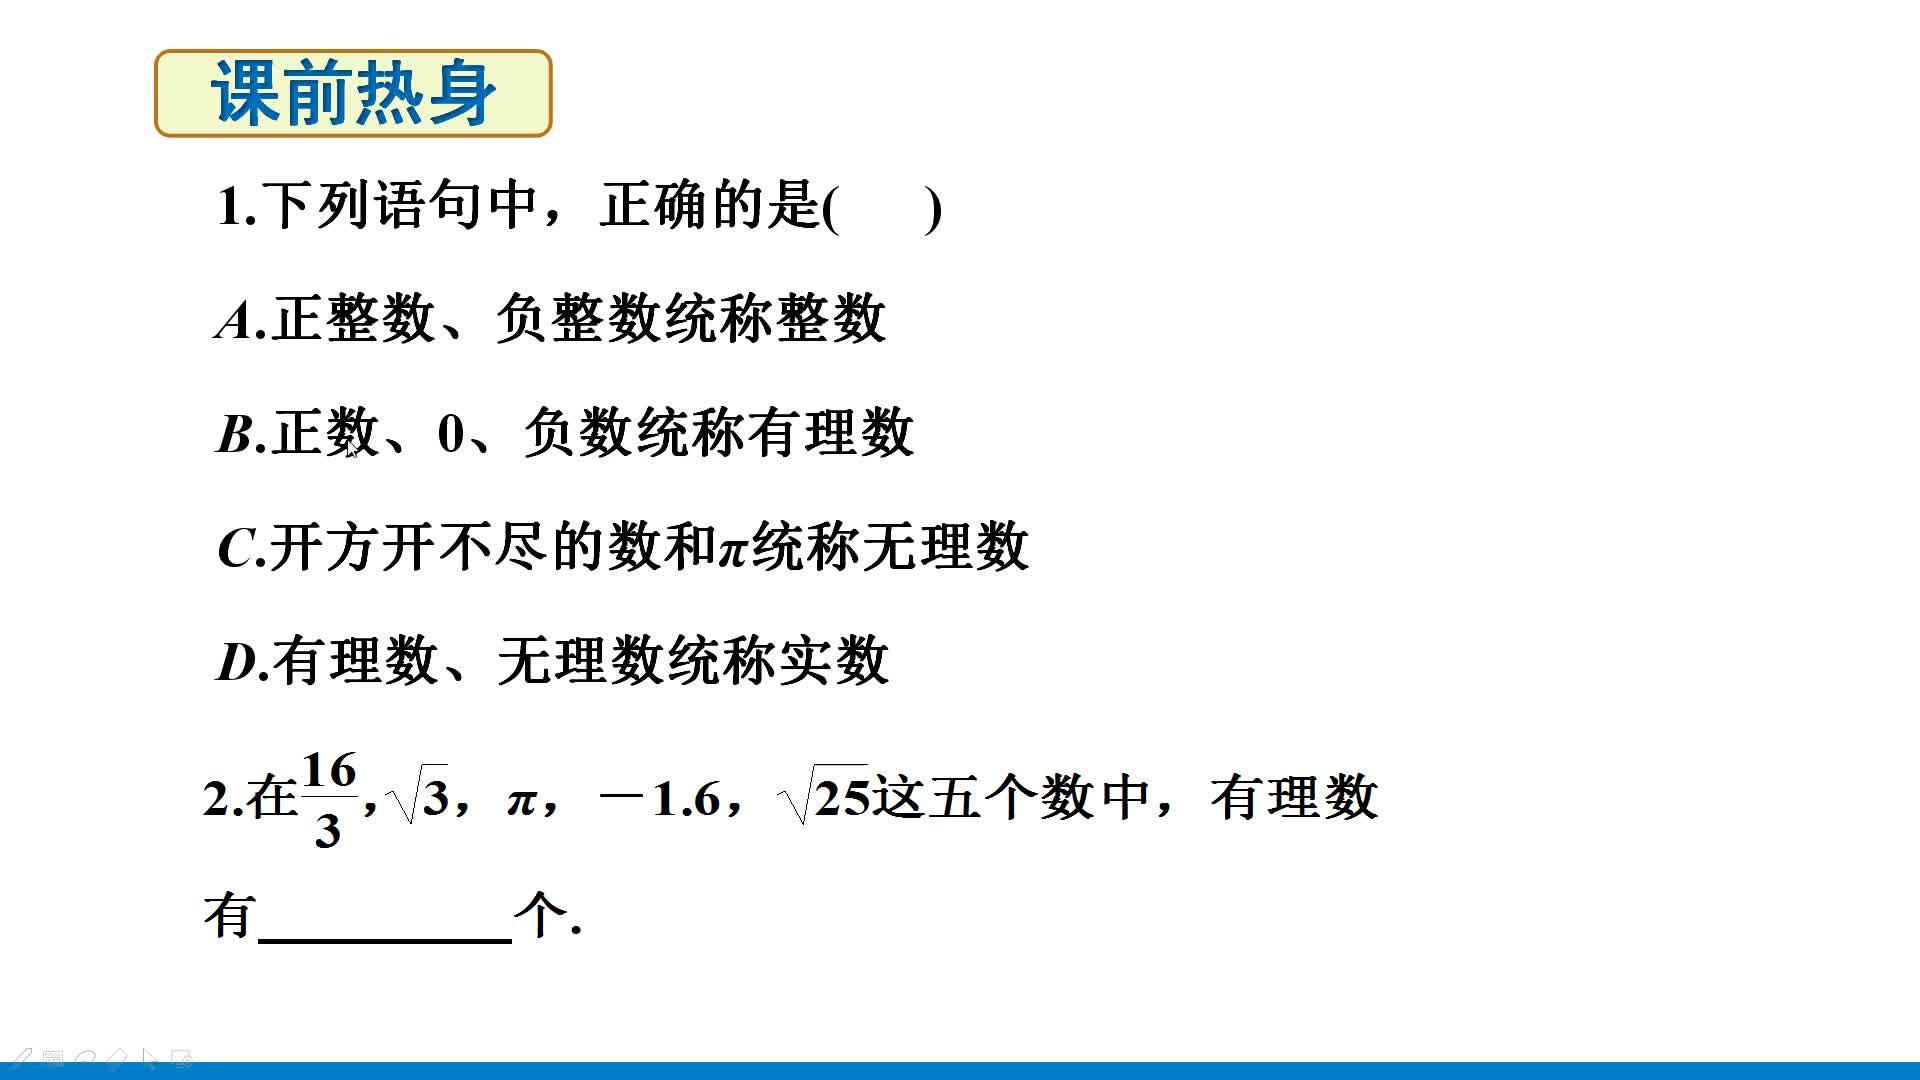 人教版初中数学中考专题复习《专题一数与式》第1节实数及其运算(2)真题演练 录播视频